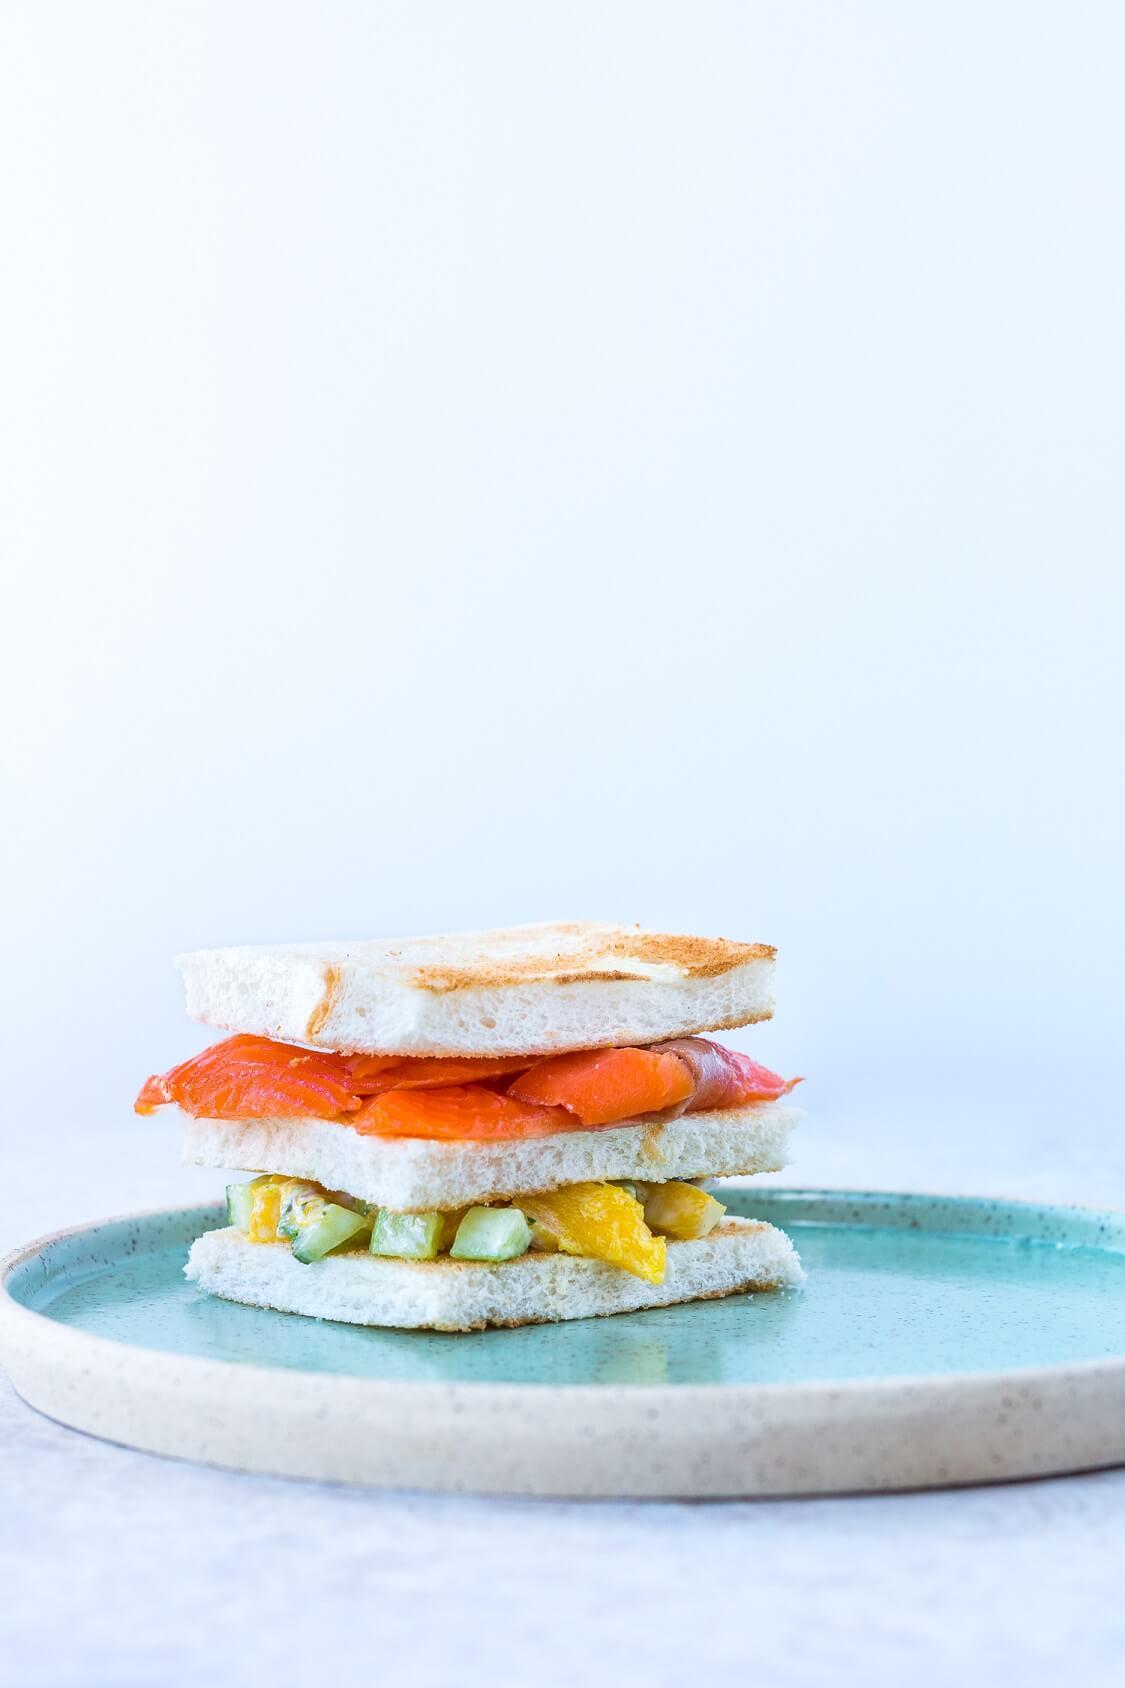 Sandwich thé - concombres zéro gaspi